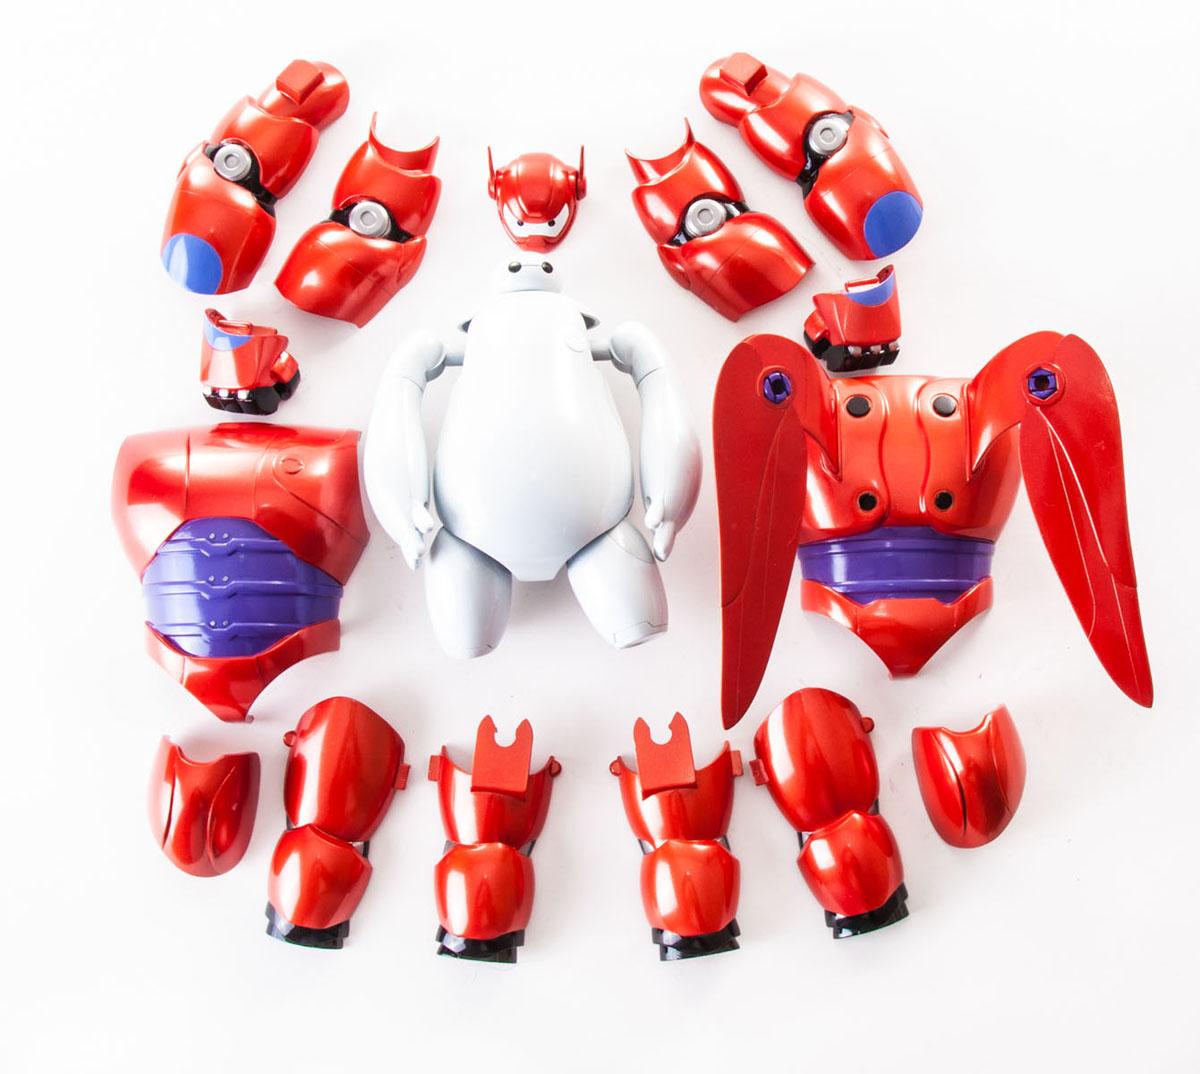 Фигурка Big Hero 6 Бэймакс, с аксессуарами38700Фигурка Big Hero 6 Бэймакс понравится любому маленькому поклоннику мультфильма Город героев, ведь она представляет собой точную детализированную копию робота Бэймакса из мультфильма. Фигурка выполнена из прочного пластика, ее руки, ноги и голова подвижны. В комплект также входят аксессуары - броня и крылья для Бэймакса, которая без труда снимается и надевается, давая малышу неограниченный простор для фантазии и игр. Надеть броню очень легко, с ней милый Бэймакс превращается в грозного боевого робота. Броня в точности повторяет внешний вид Бэймакса из мультфильма, и порадует даже самого взыскательного маленького коллекционера. Бэймакс - главный герой мультфильма Город Героев. Он является персональным помощником по уходу за здоровьем и всегда здоровается своей коронной фразой Привет, я Бэймакс! Ваш персональный робот для помощи по уходу за здоровьем Добрый, милый и заботливый надувной робот стал лучшим другом для Хиро. Фигурка надолго увлечет вашего малыша...